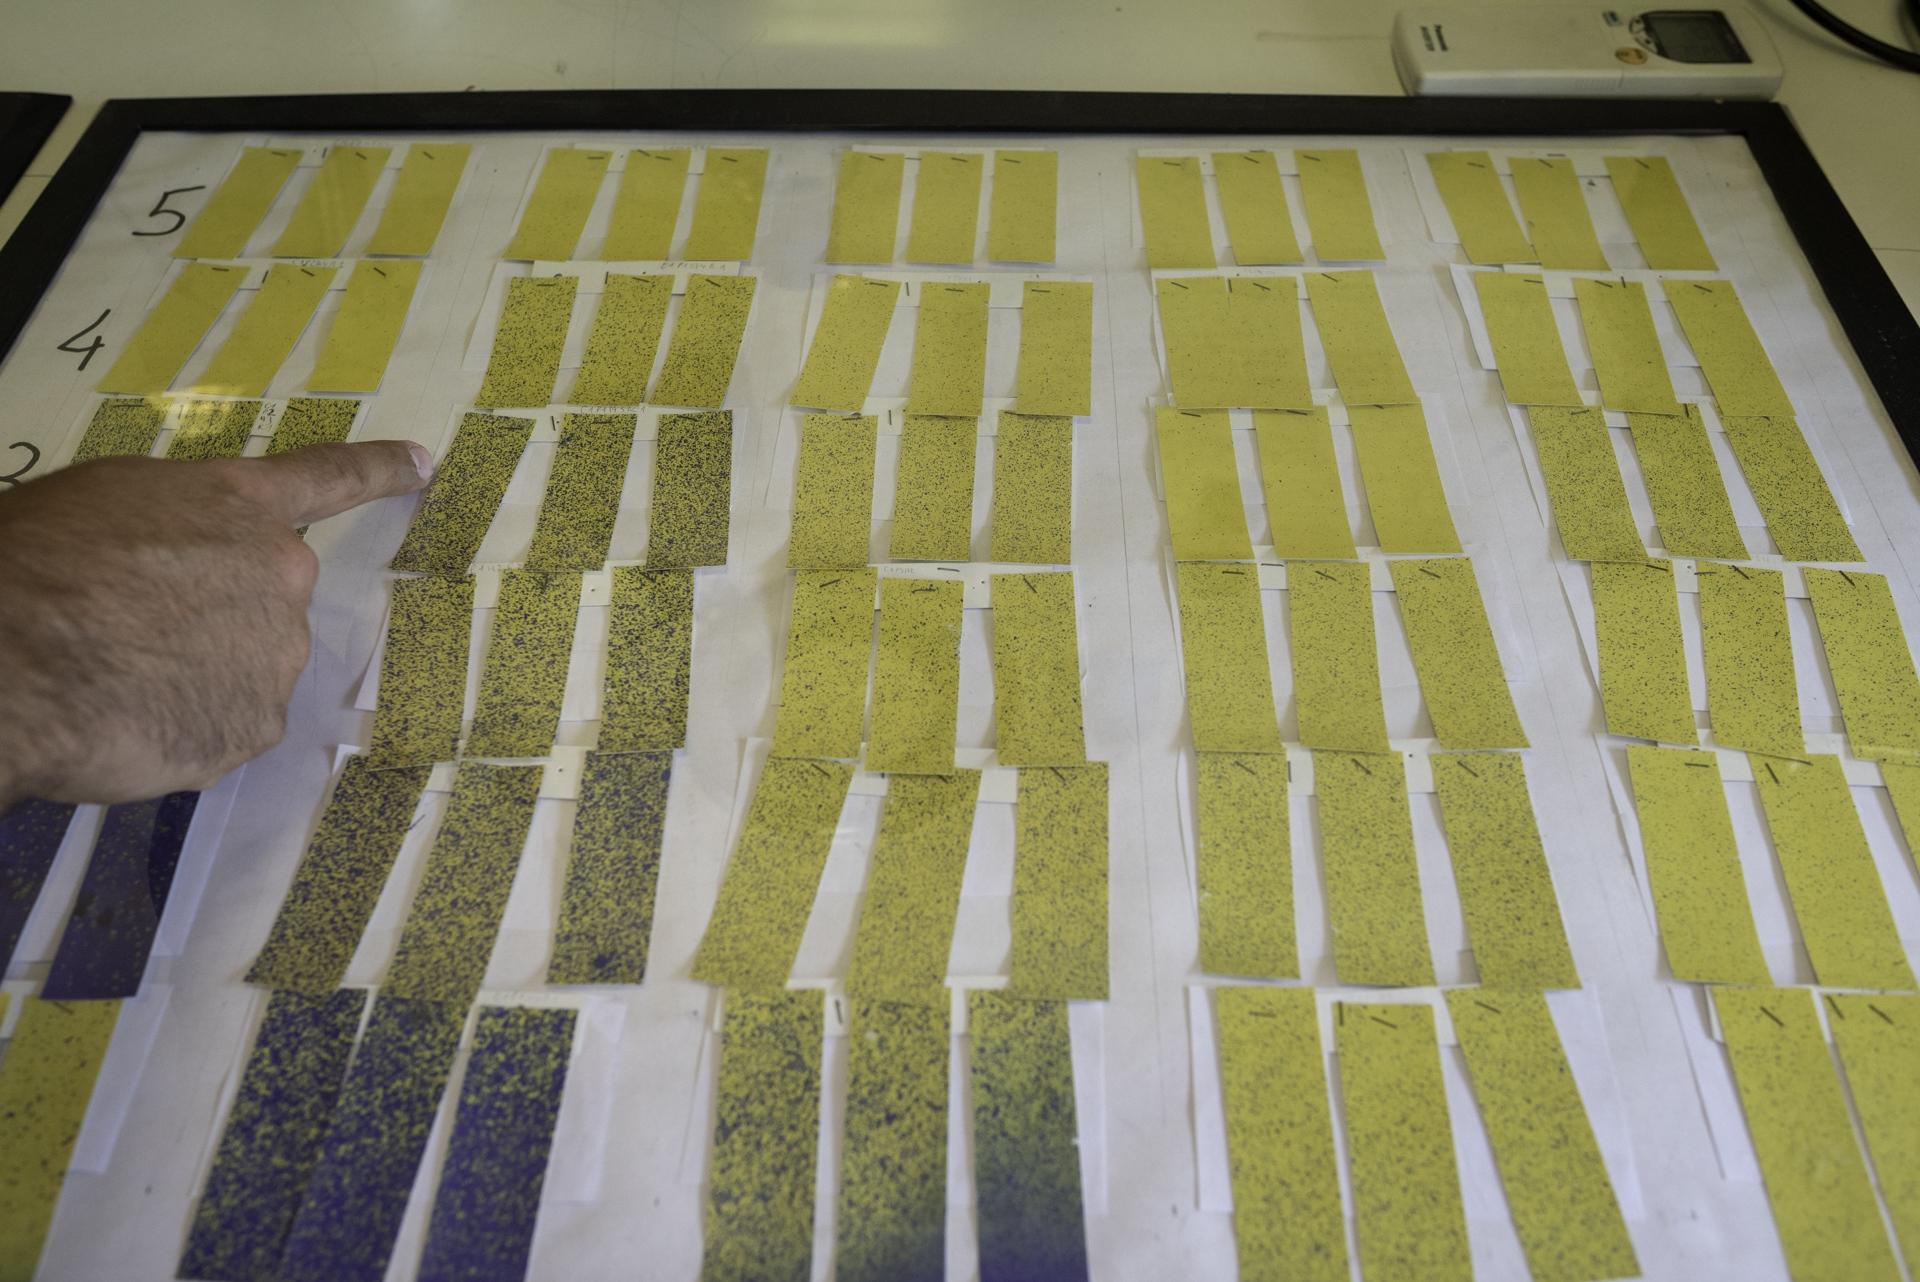 Campus di Agripolis. Cartine tornasole utilizzate per misurare la quantità di fitofarmaci dispersi fuori bersaglio. La ricerca condotta dall'agronomo Donato Loddo, ricercatore presso Istituto di Biologia Agro-ambientale e Forestale de C.N.R., dimostra l'importanza delle nuove tecniche per limitare le contaminazioni fuori campo e l'effetto deriva degli aerosol. Legnaro (PD).